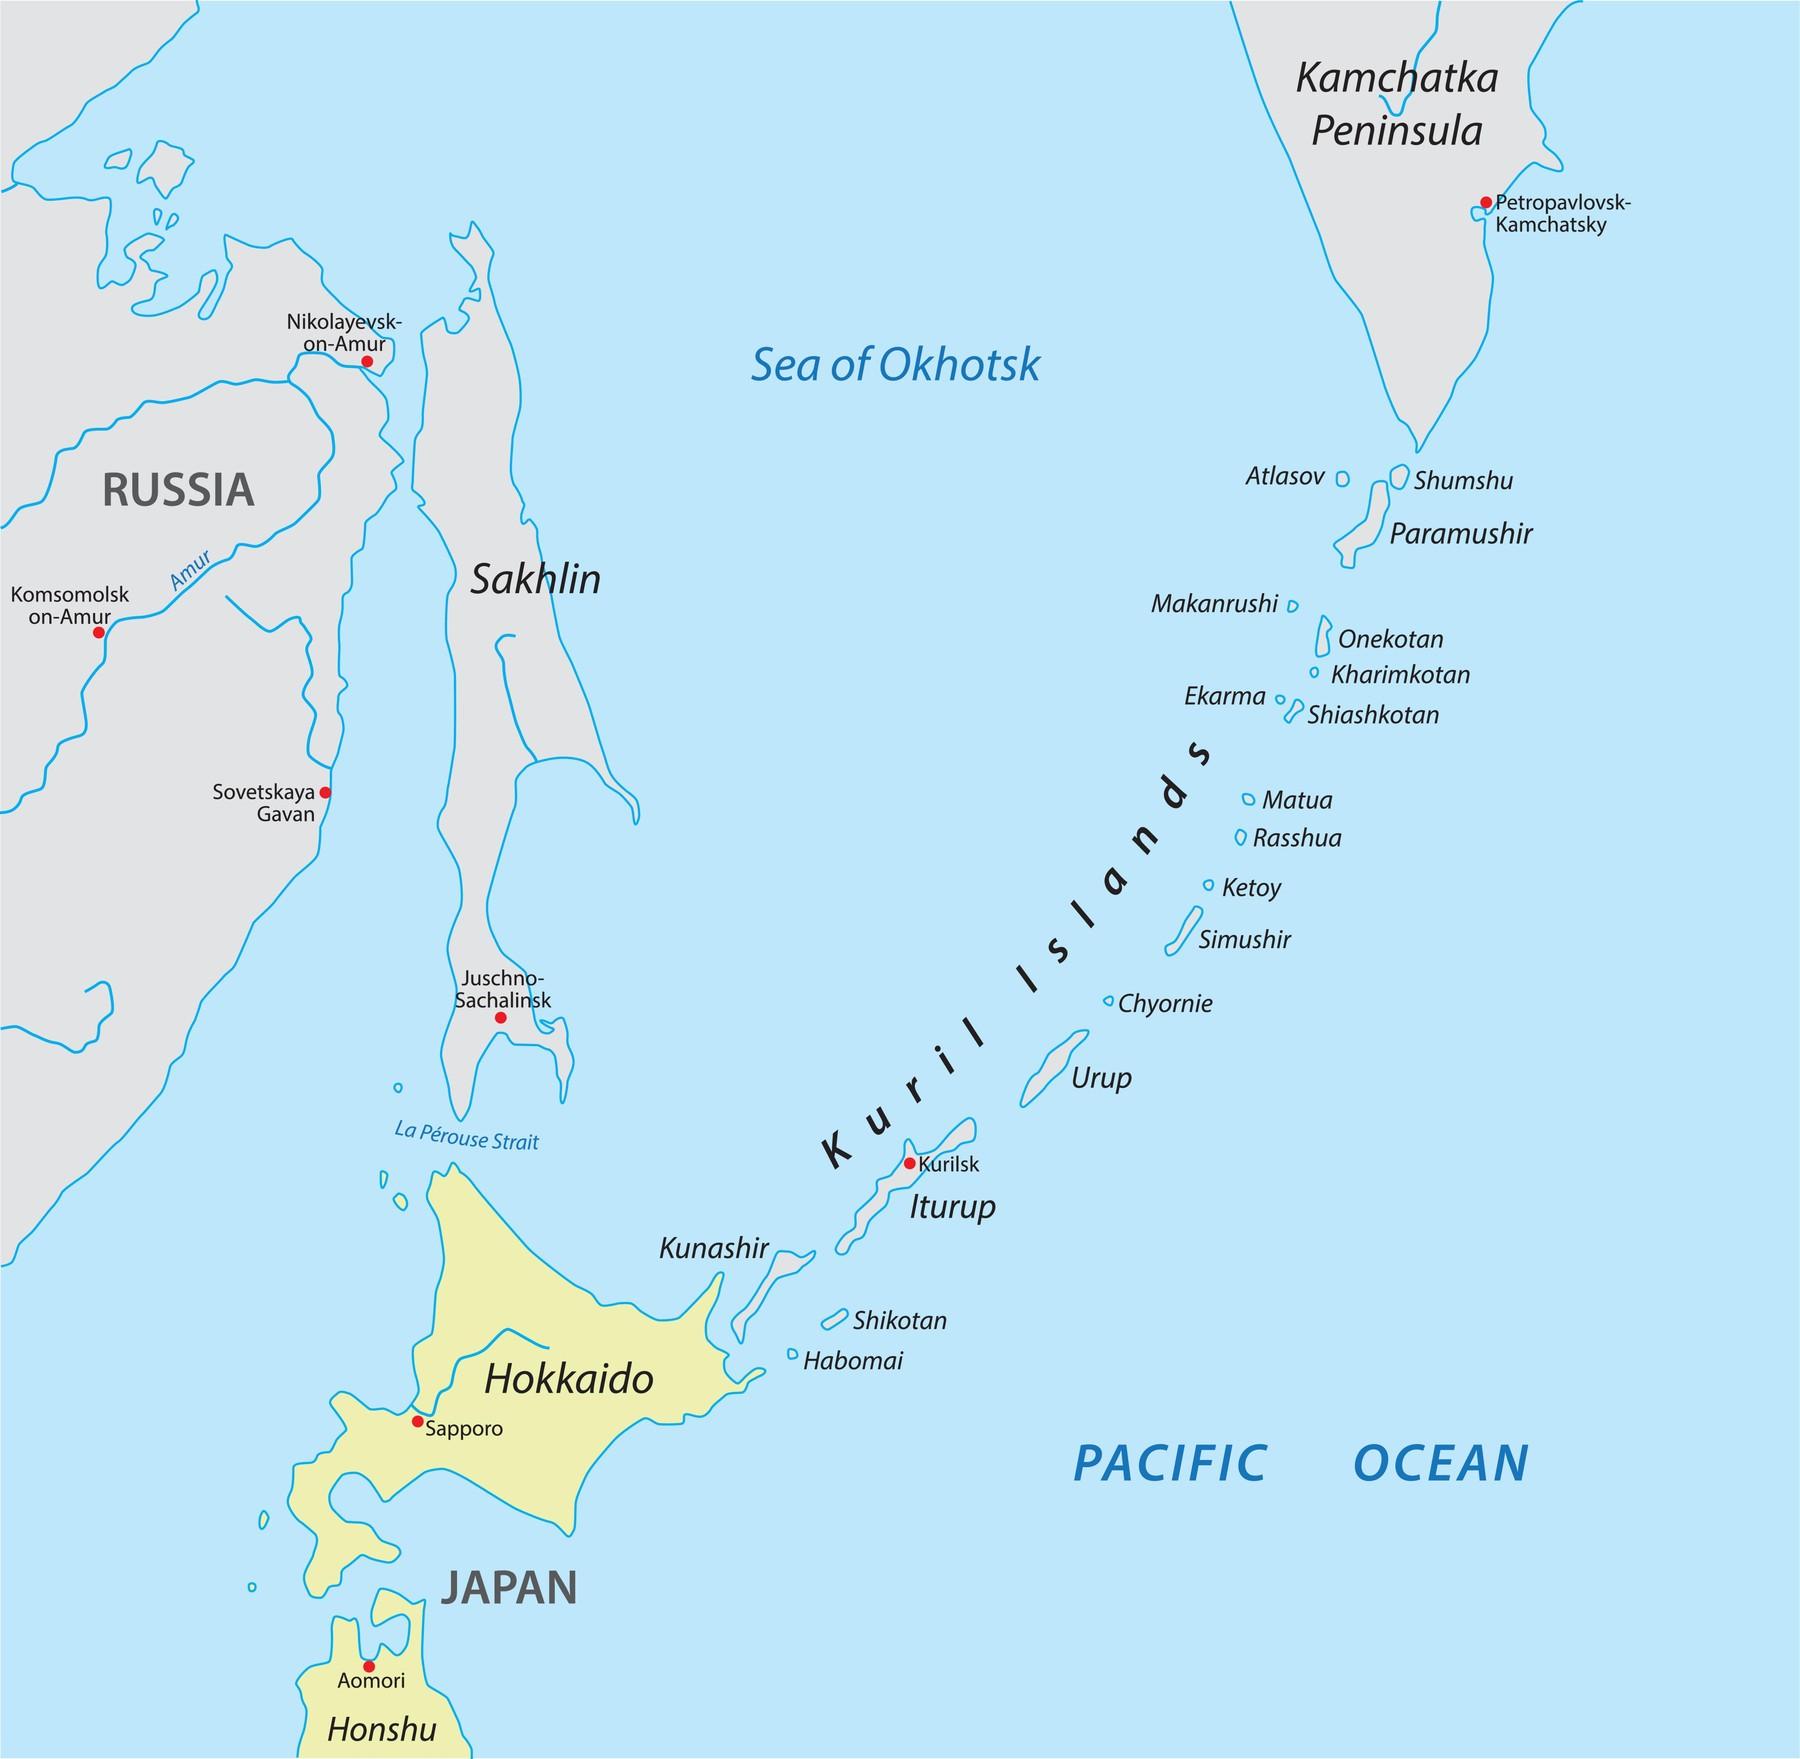 Kurilska ostrva